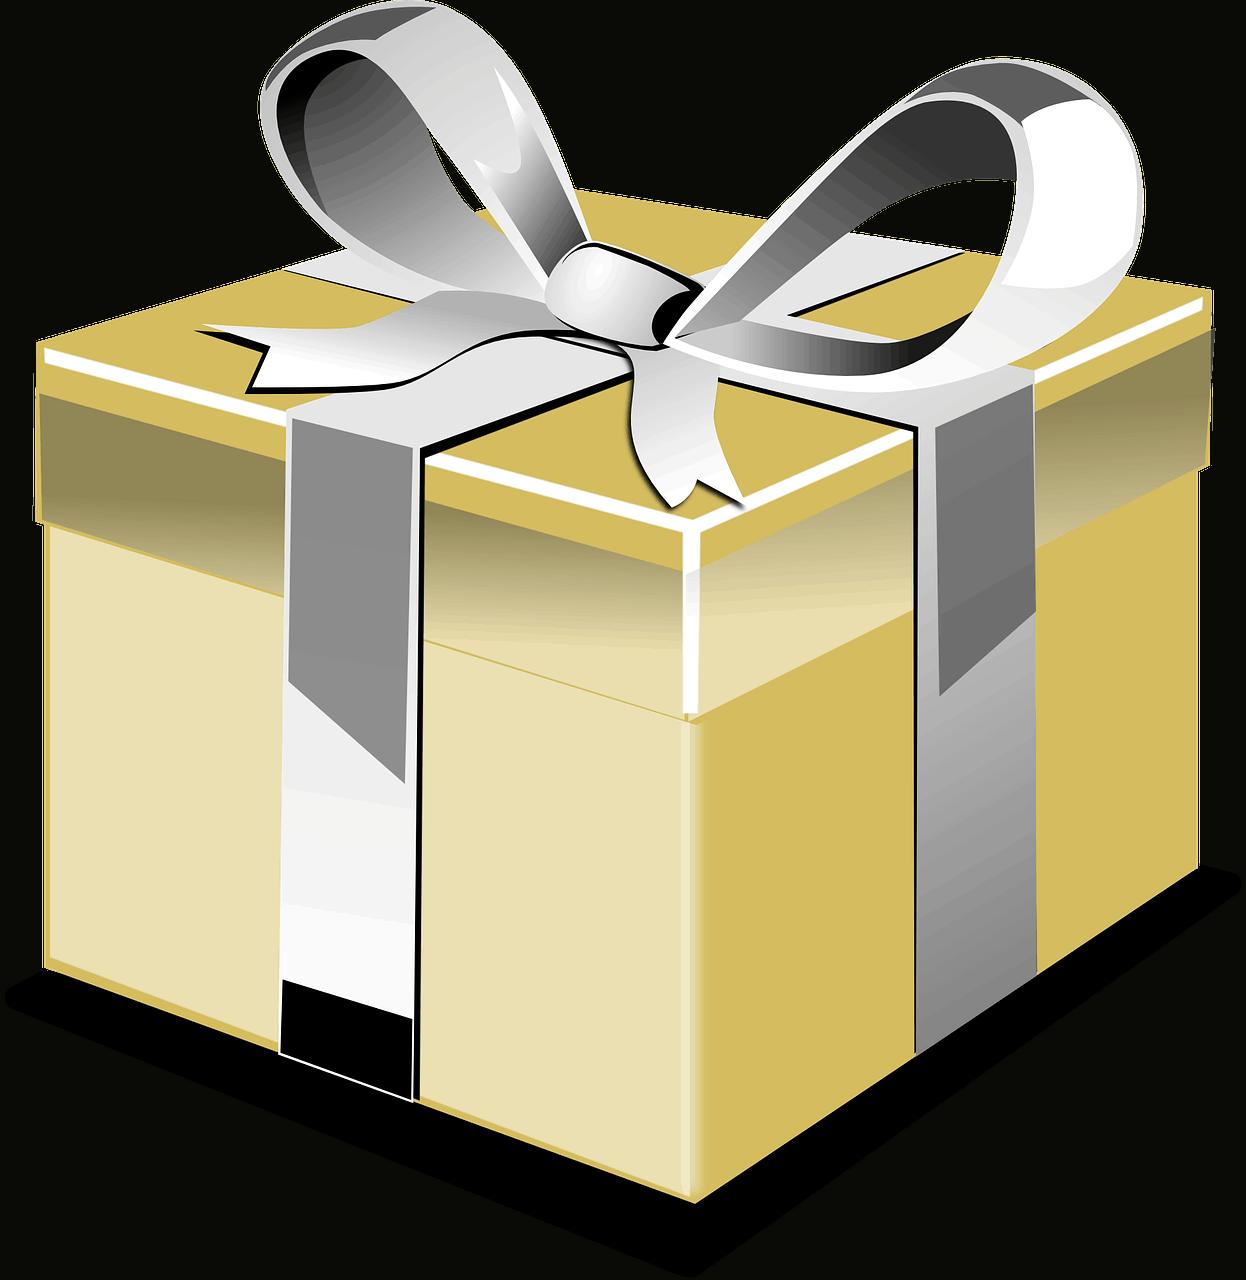 מתנה צהובה